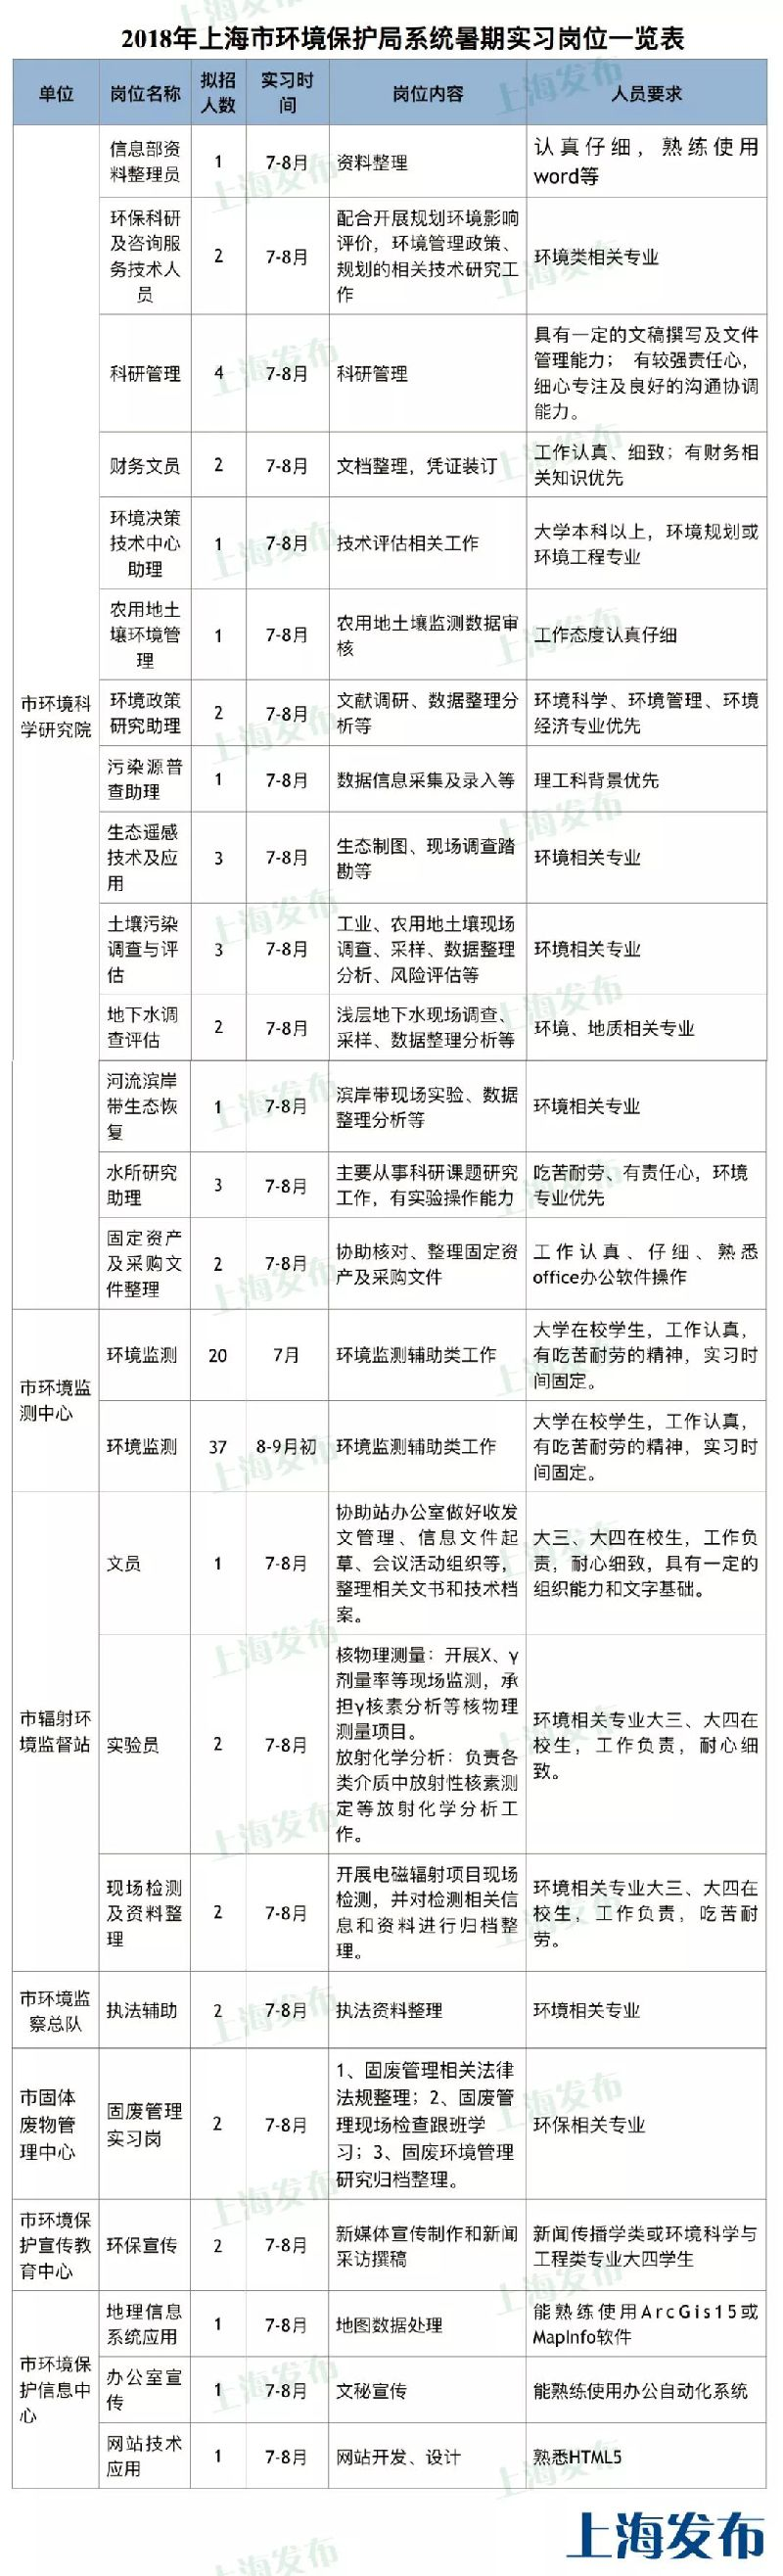 上海环保局系统招聘119名暑期实习生、就业见习生 你来吗